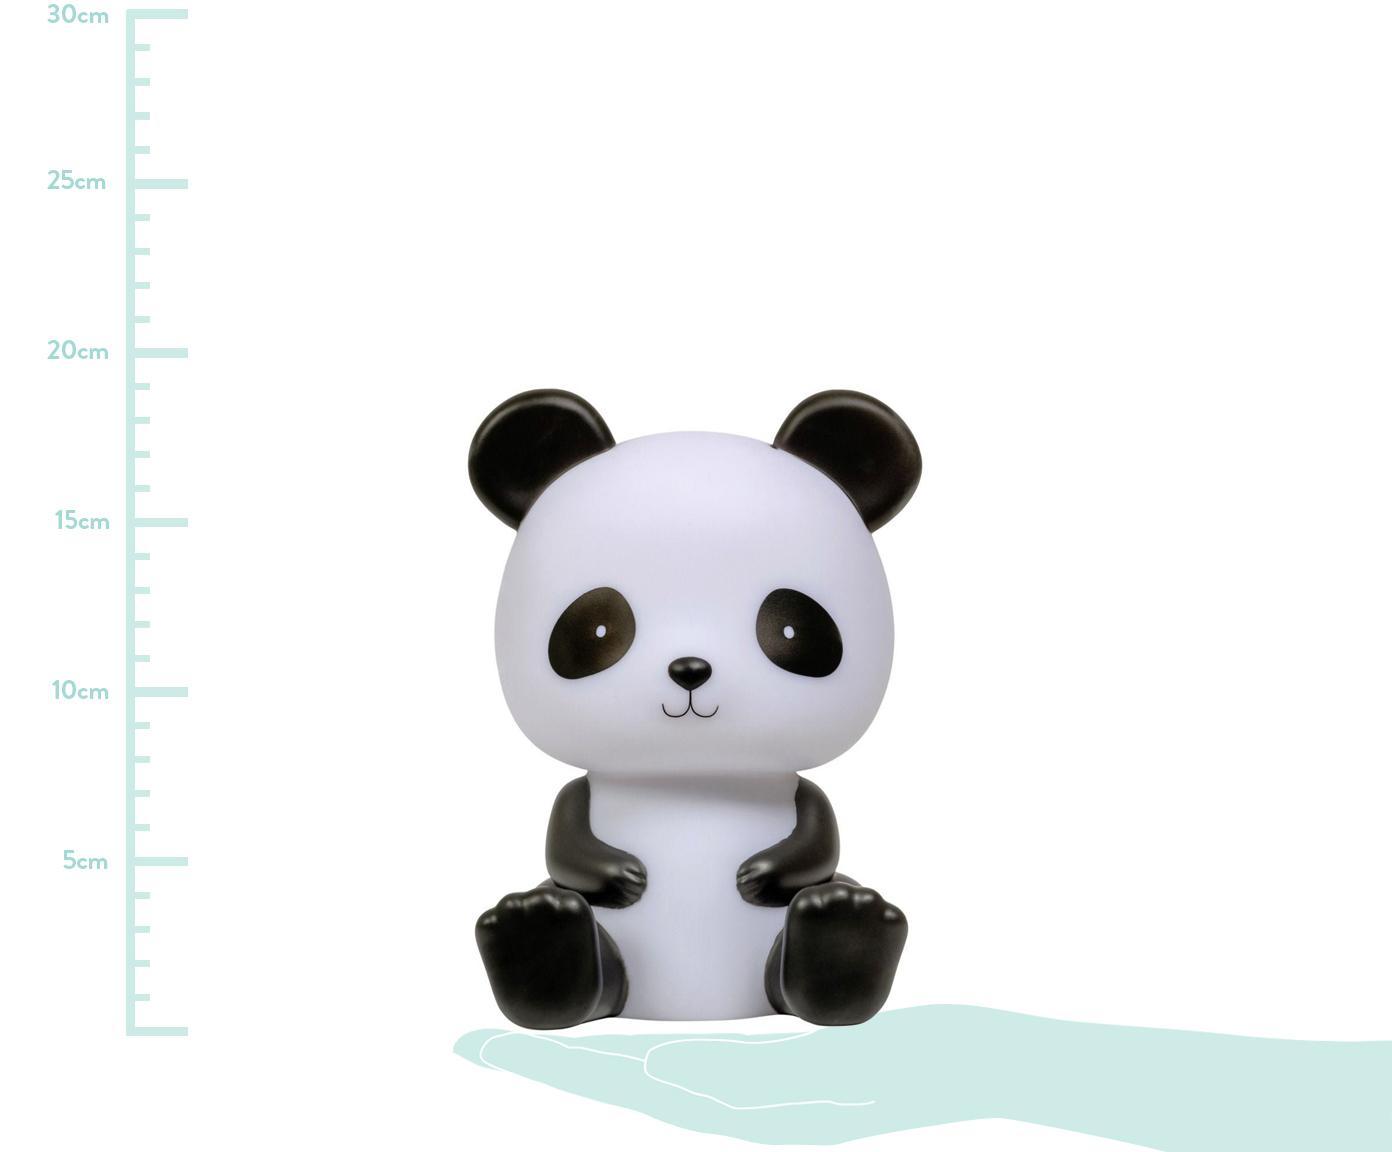 LED Leuchtobjekt Panda, Kunststoff, BPA-, Blei- und Phthalatefrei, Weiß, Schwarz, 12 x 19 cm